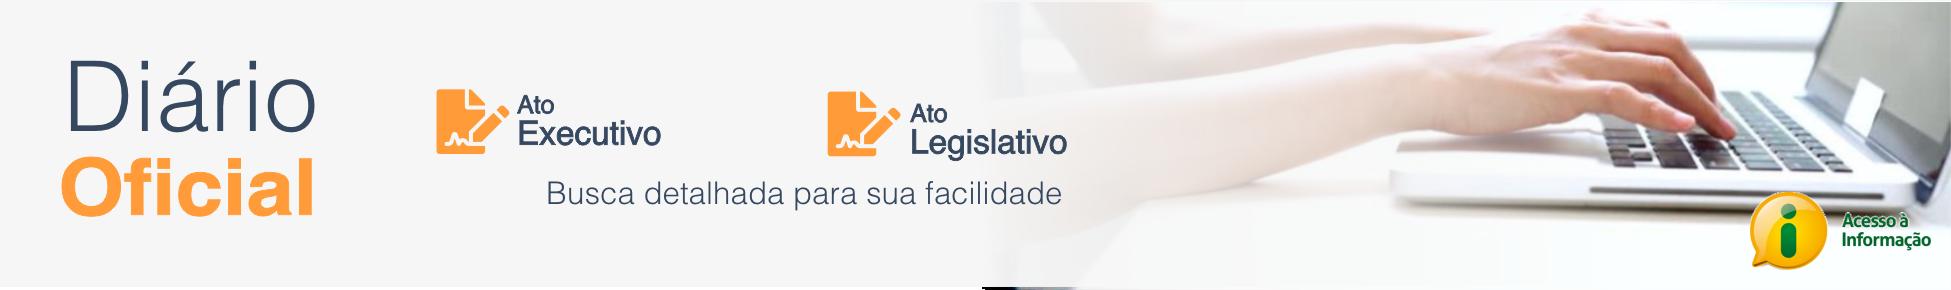 Banner Diário Oficial